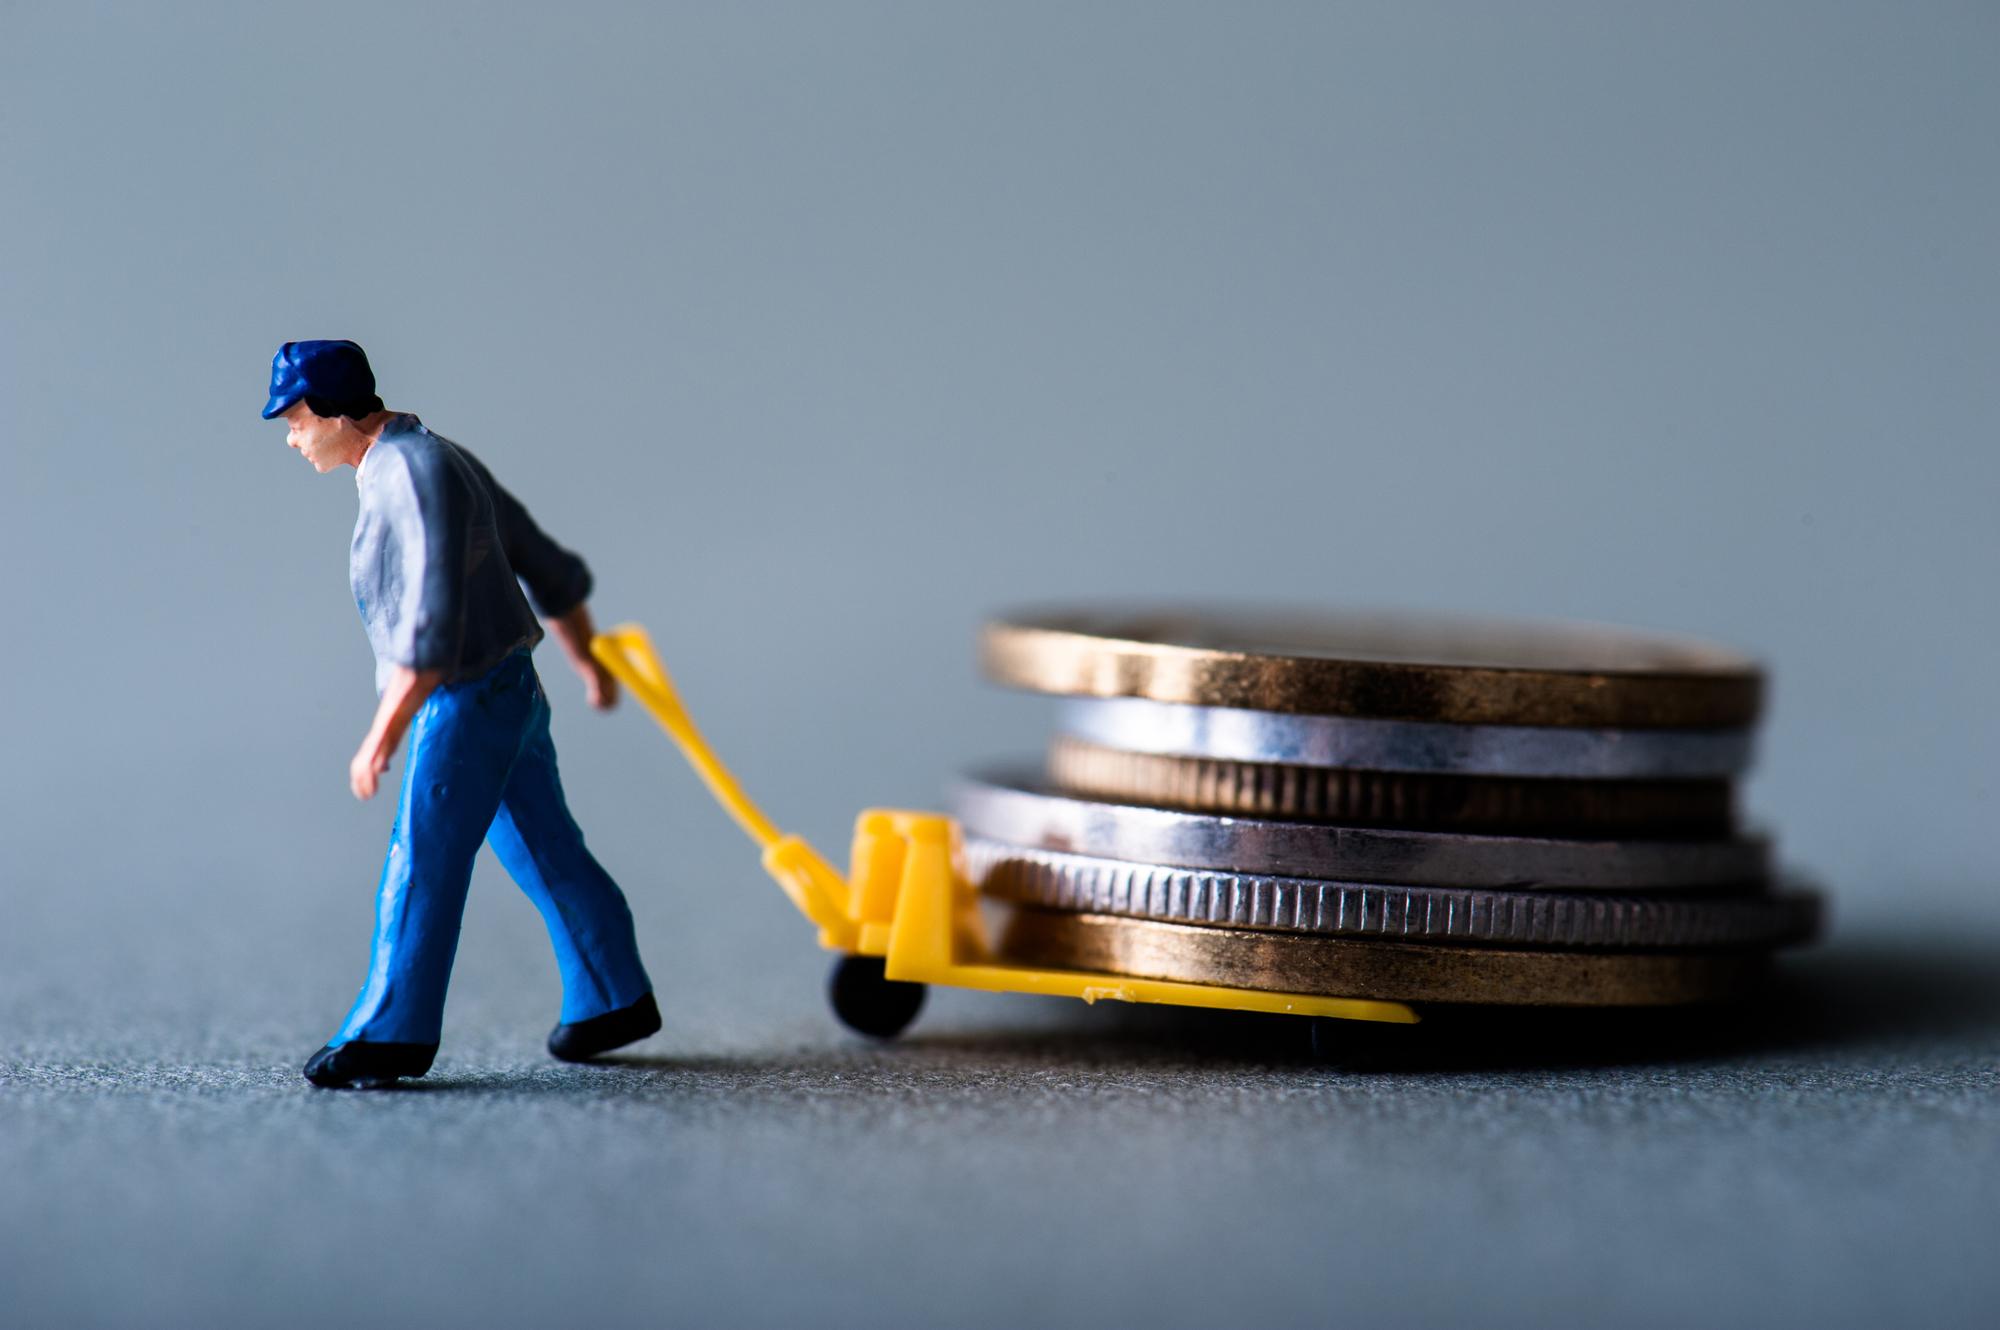 英語を使って毎月3万円を副業で稼ぐ!ネットを使った稼ぎ方3選とは?